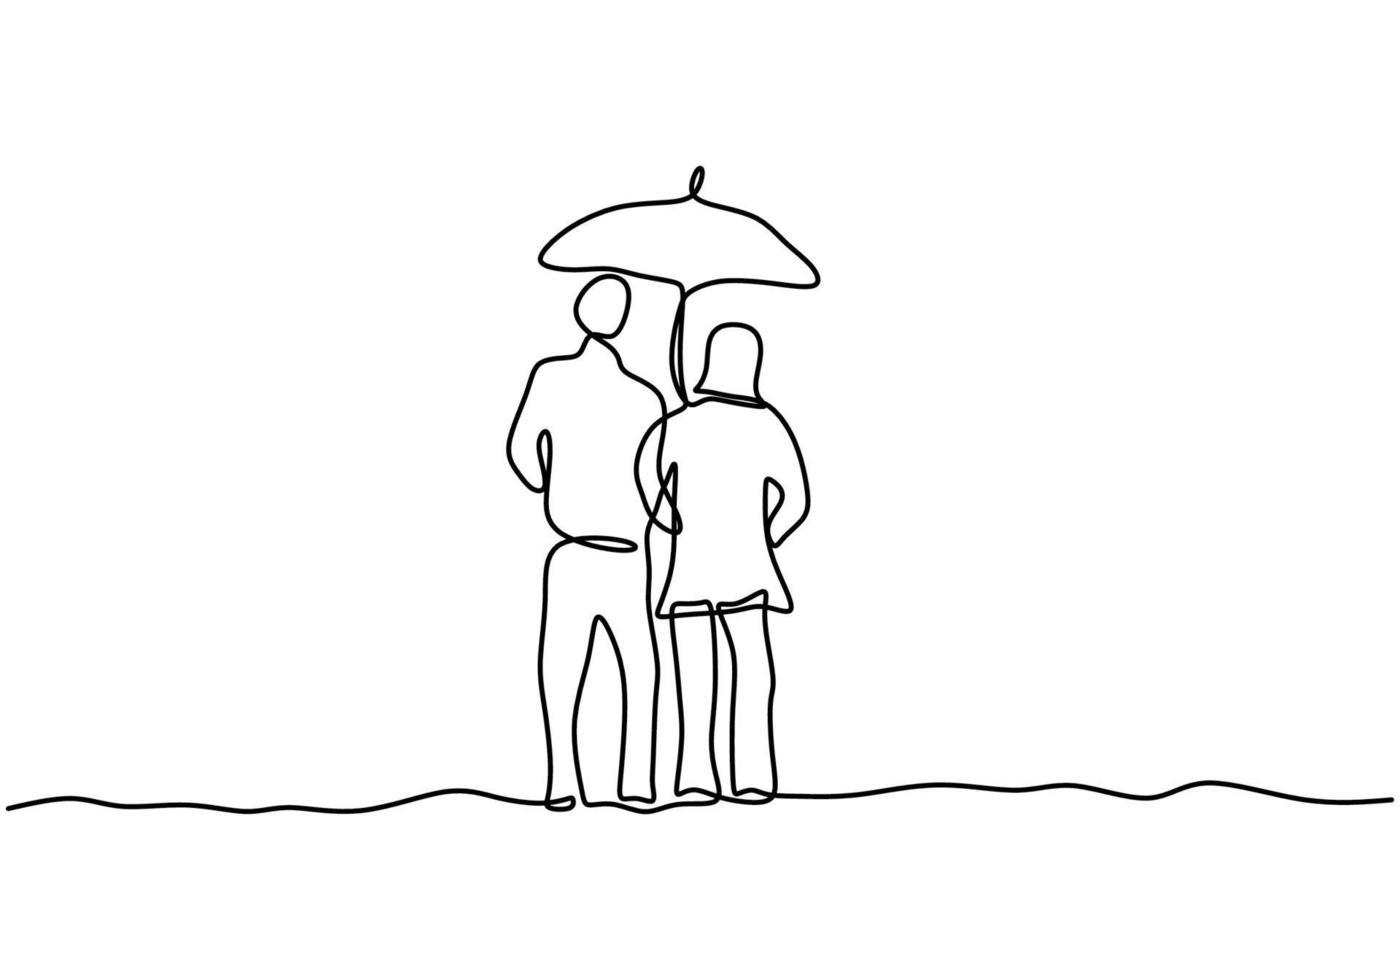 kontinuerlig linje ritning av par i kärlek under paraply. en man och kvinna under paraplyet tillsammans från regnet under dem. begreppet romantiskt ögonblick av regn. vektor för alla hjärtans dag